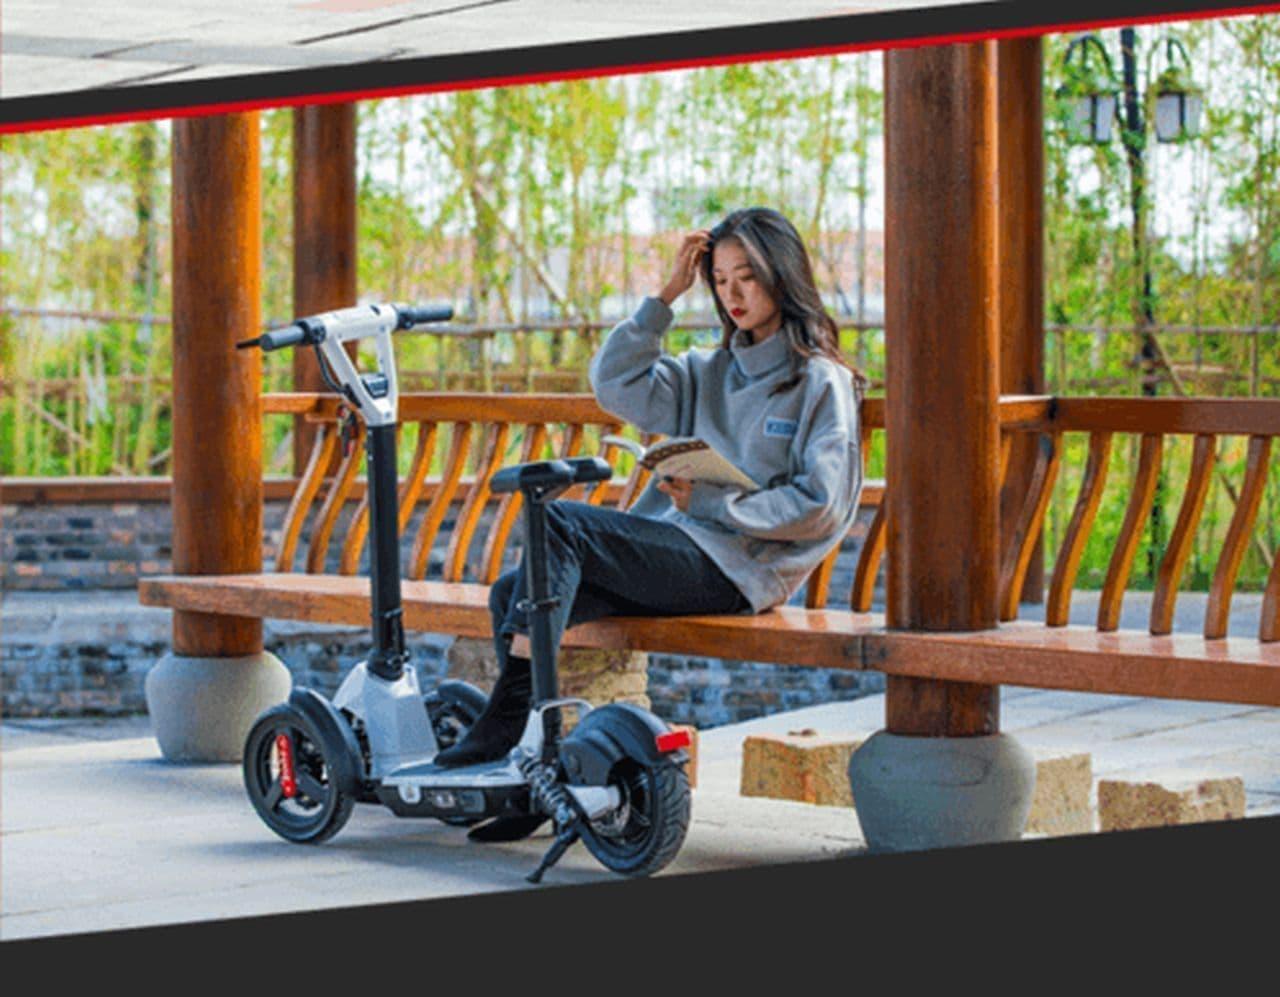 フロント2輪のキックボード型電動スクーター「ilark」Makuakeに登場